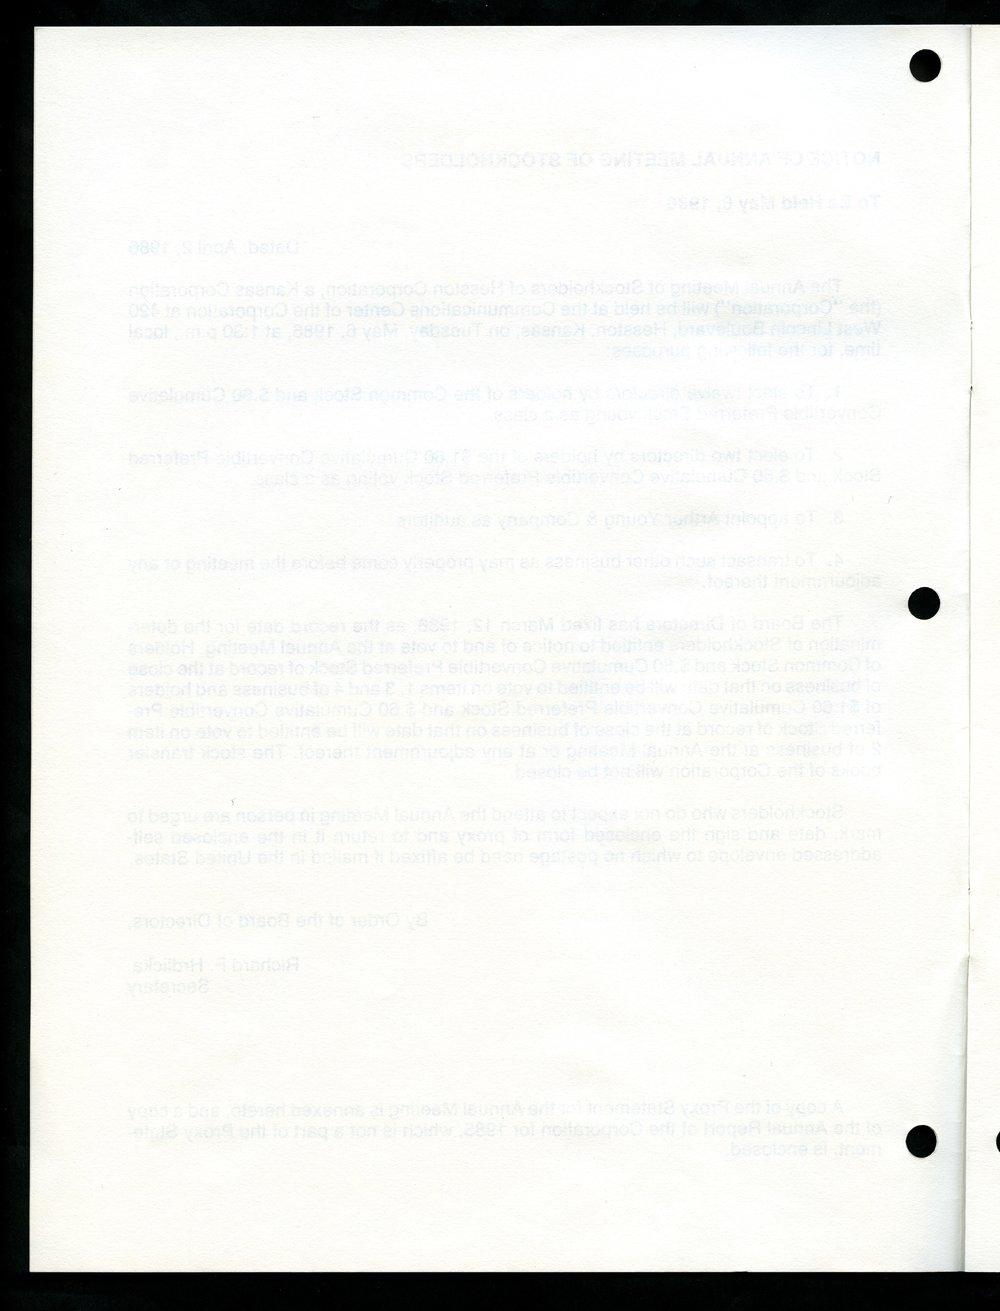 FiatAgri Hesston booklet - intro2